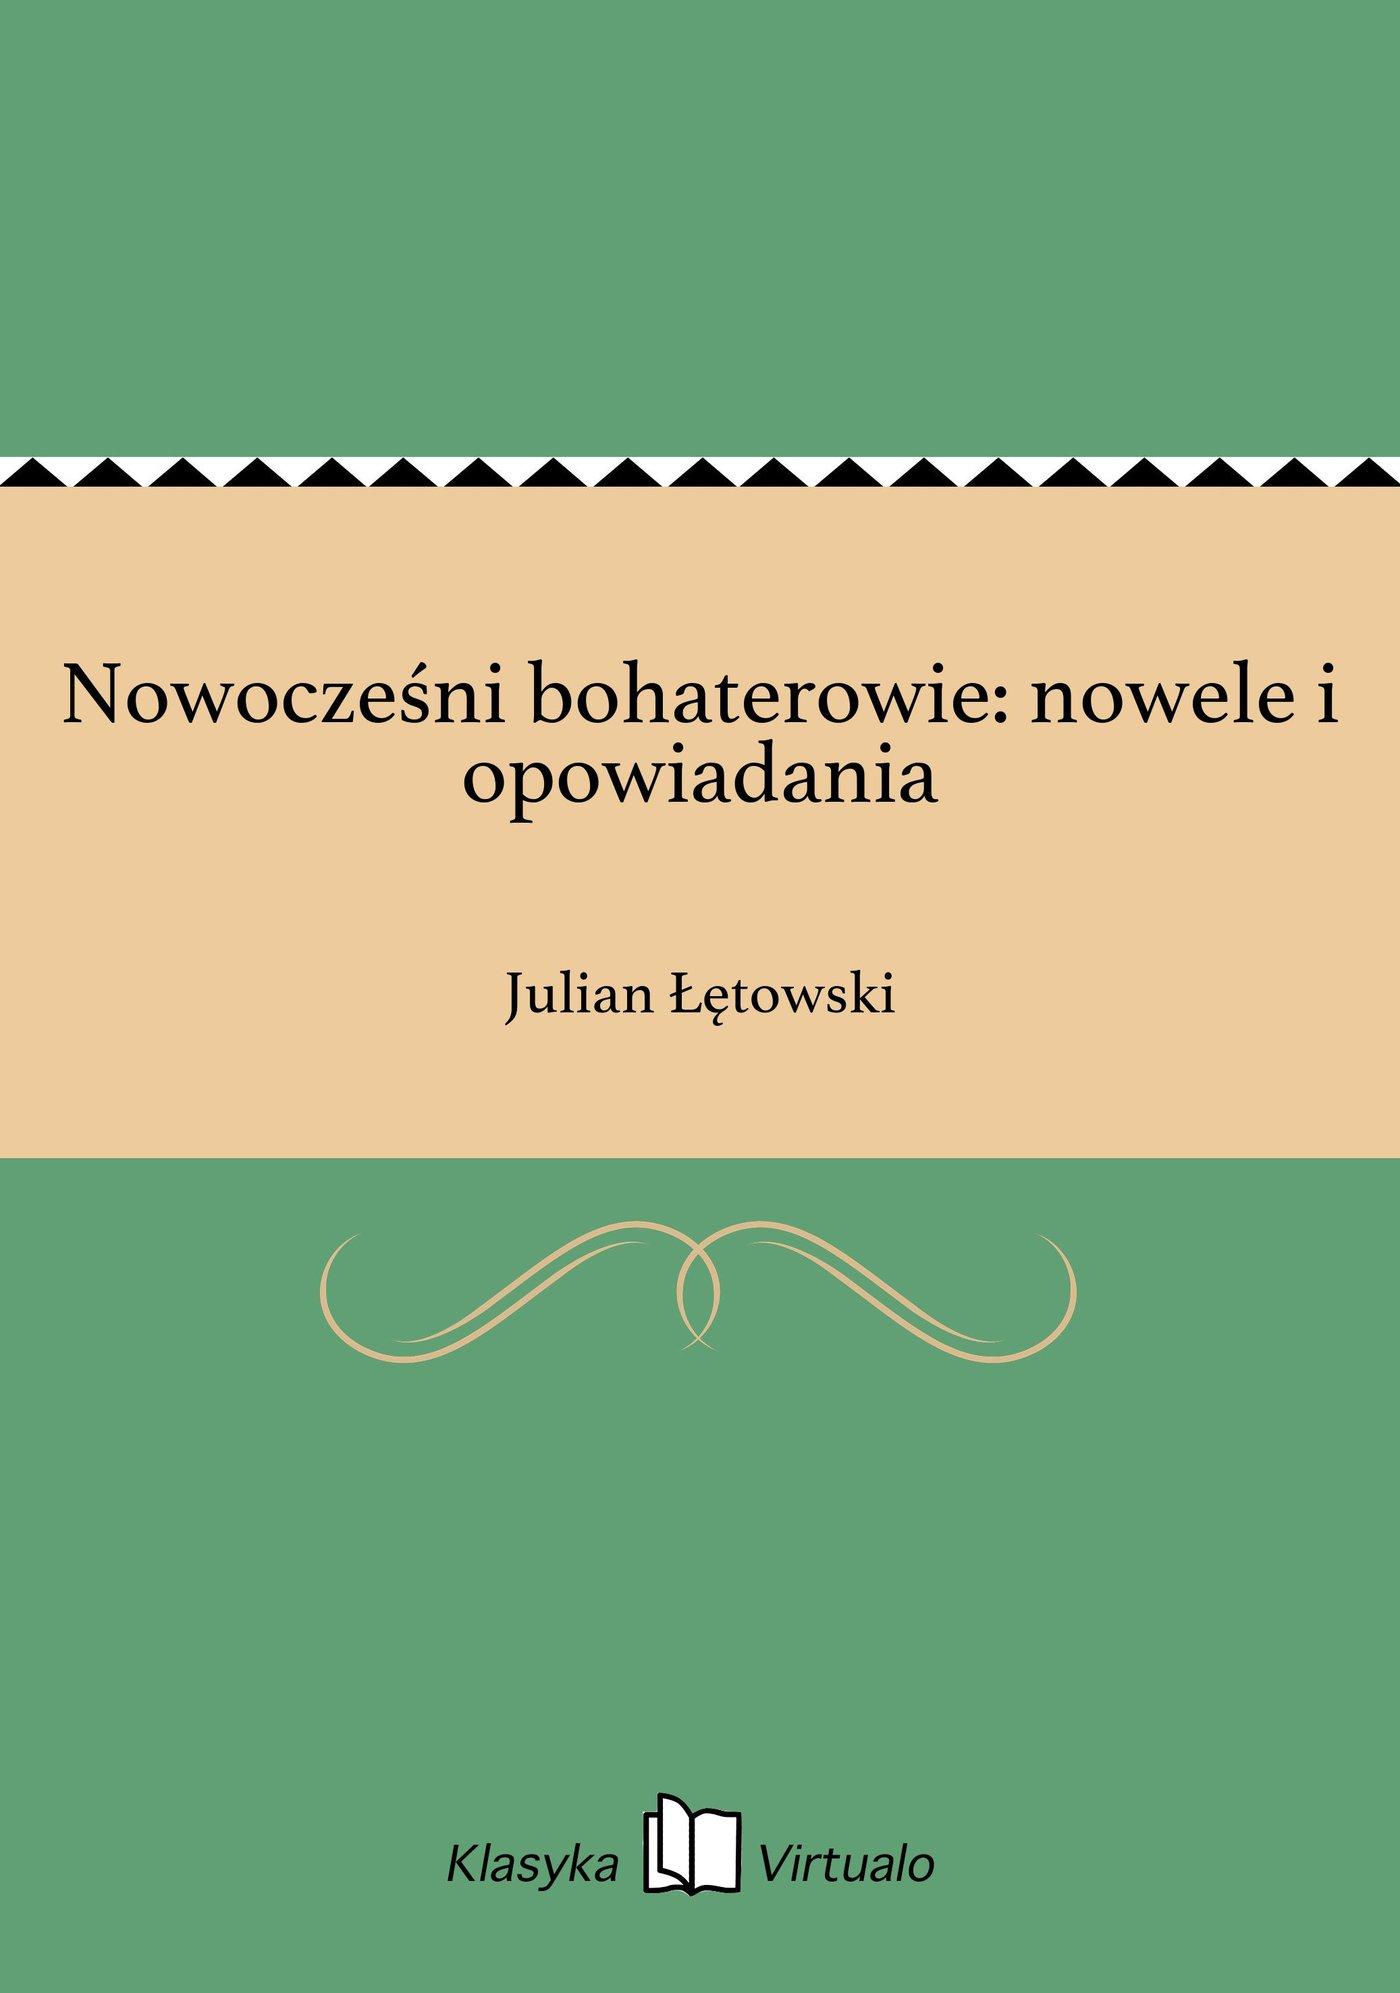 Nowocześni bohaterowie: nowele i opowiadania - Ebook (Książka na Kindle) do pobrania w formacie MOBI